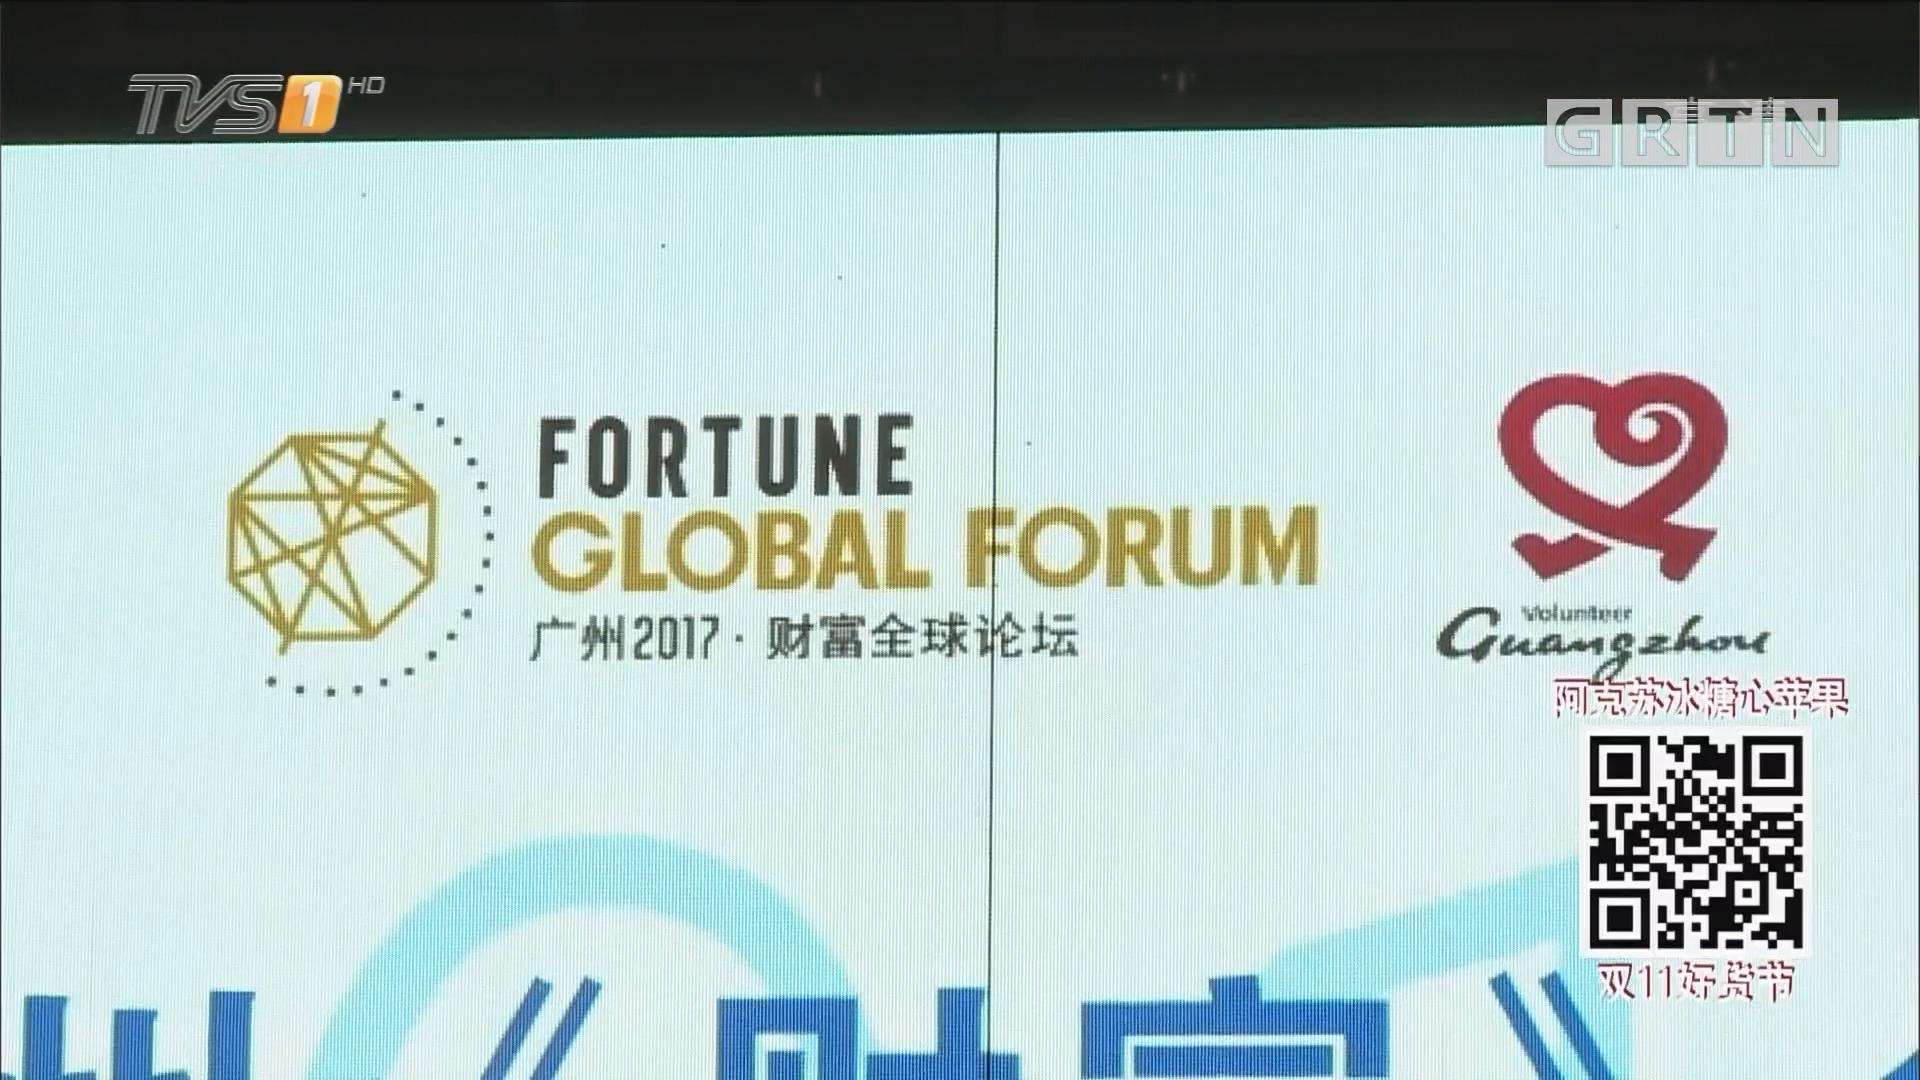 围观!2017广州《财富》全球论坛志愿者歌曲《携手同行》发布